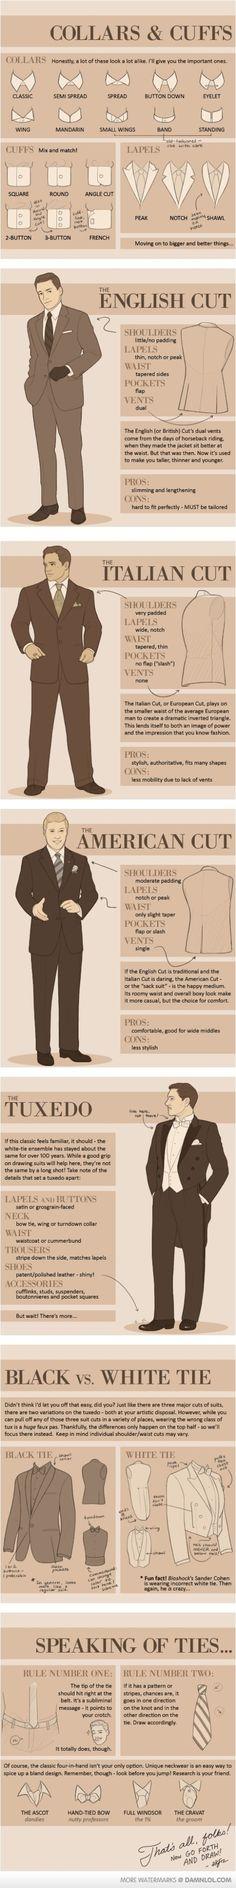 Cómo vestir con elegancia (hombres)